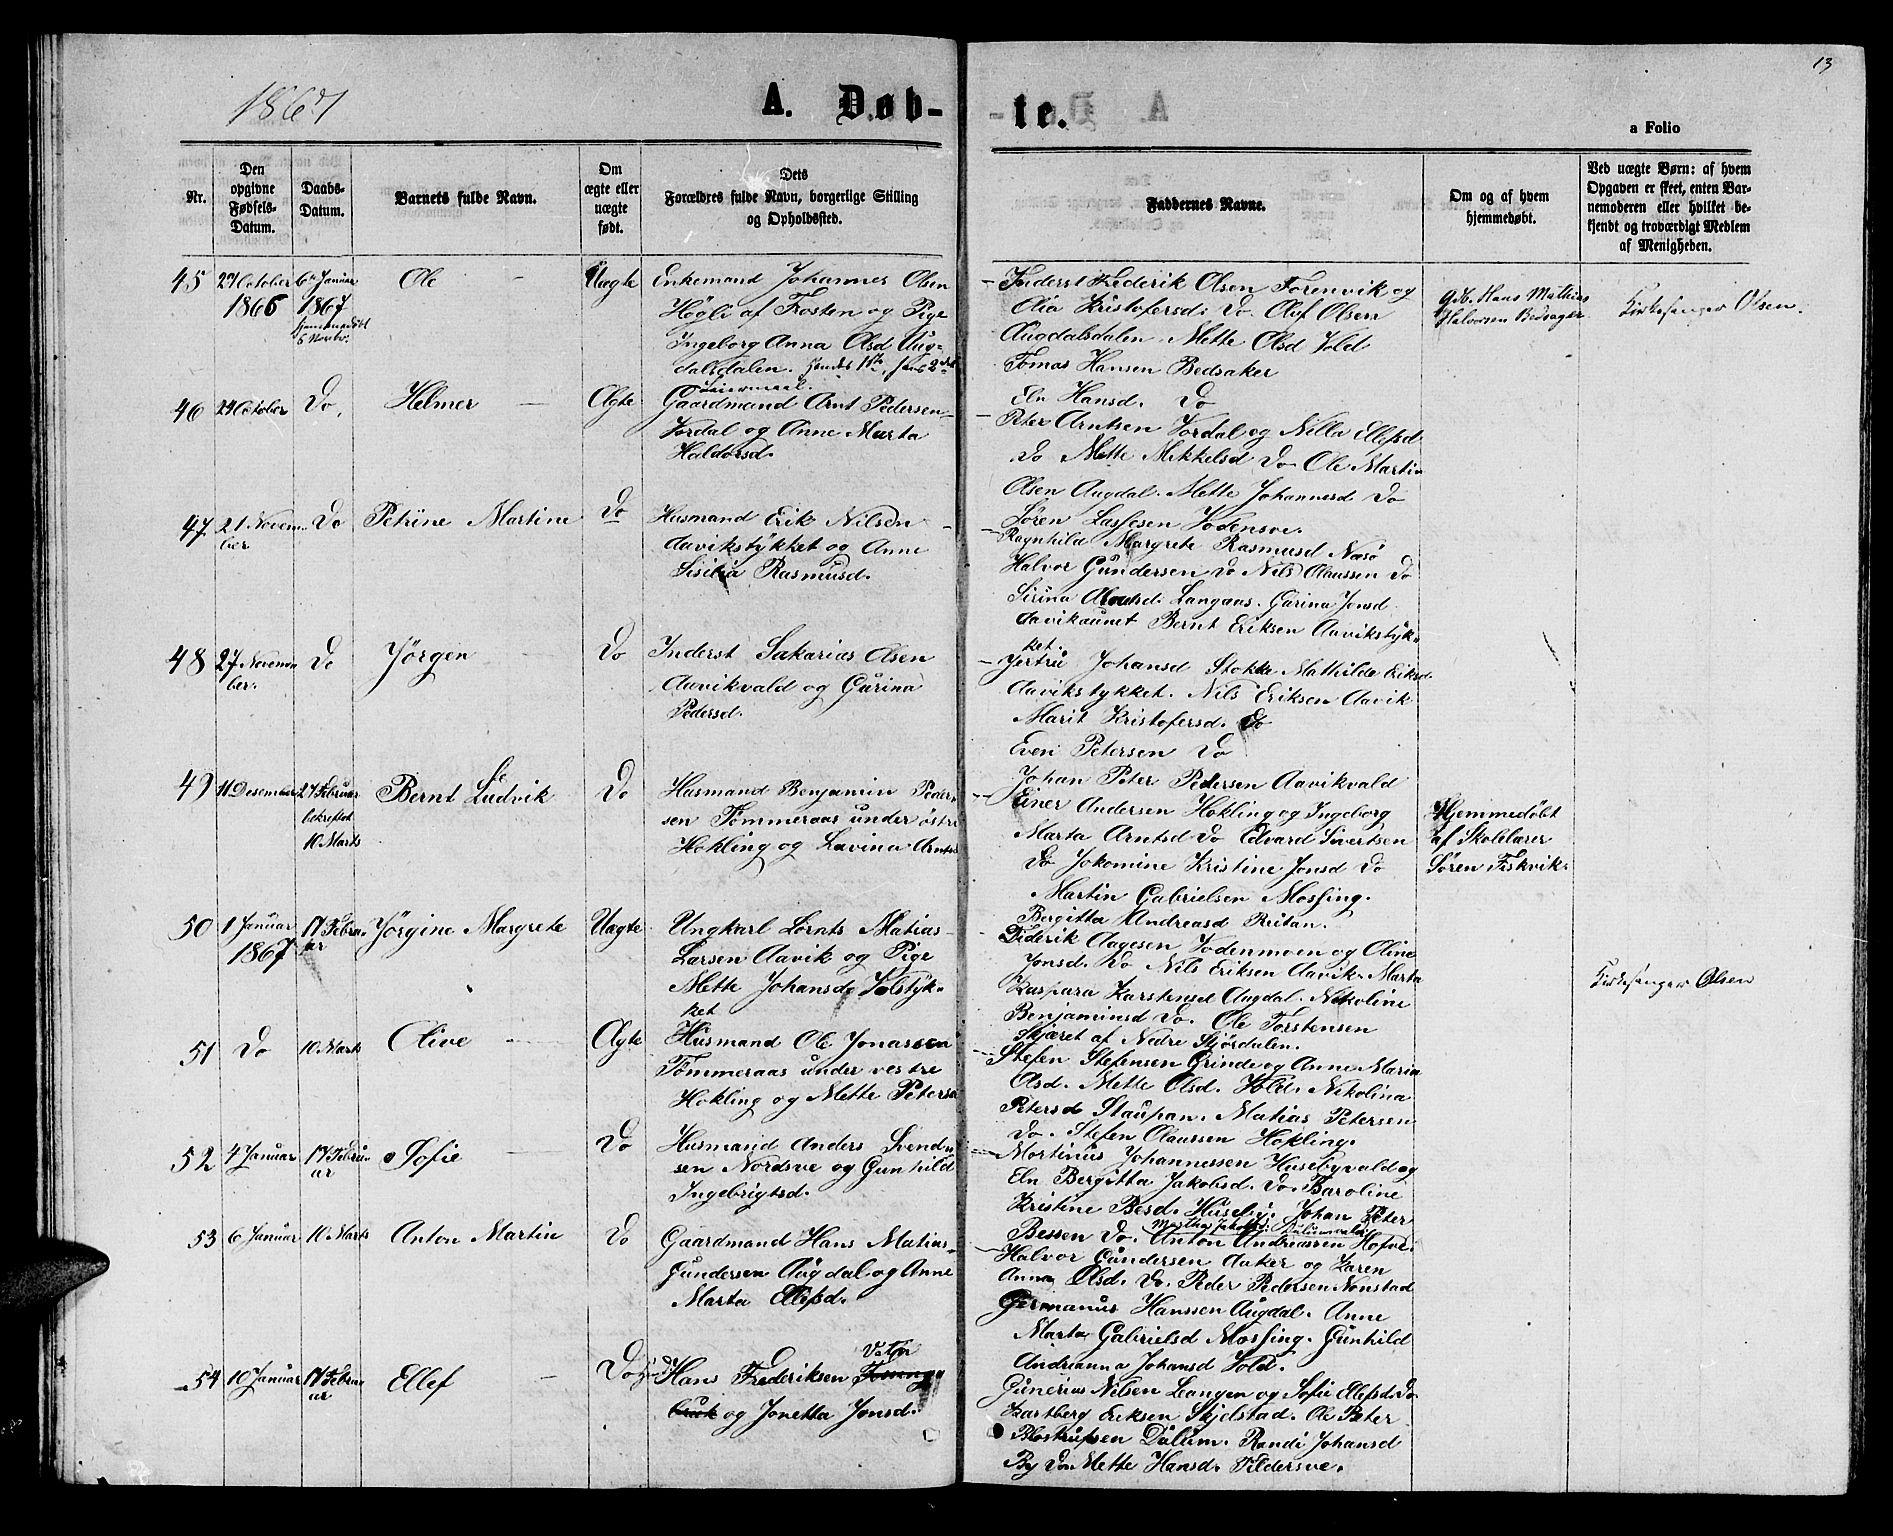 SAT, Ministerialprotokoller, klokkerbøker og fødselsregistre - Nord-Trøndelag, 714/L0133: Klokkerbok nr. 714C02, 1865-1877, s. 13